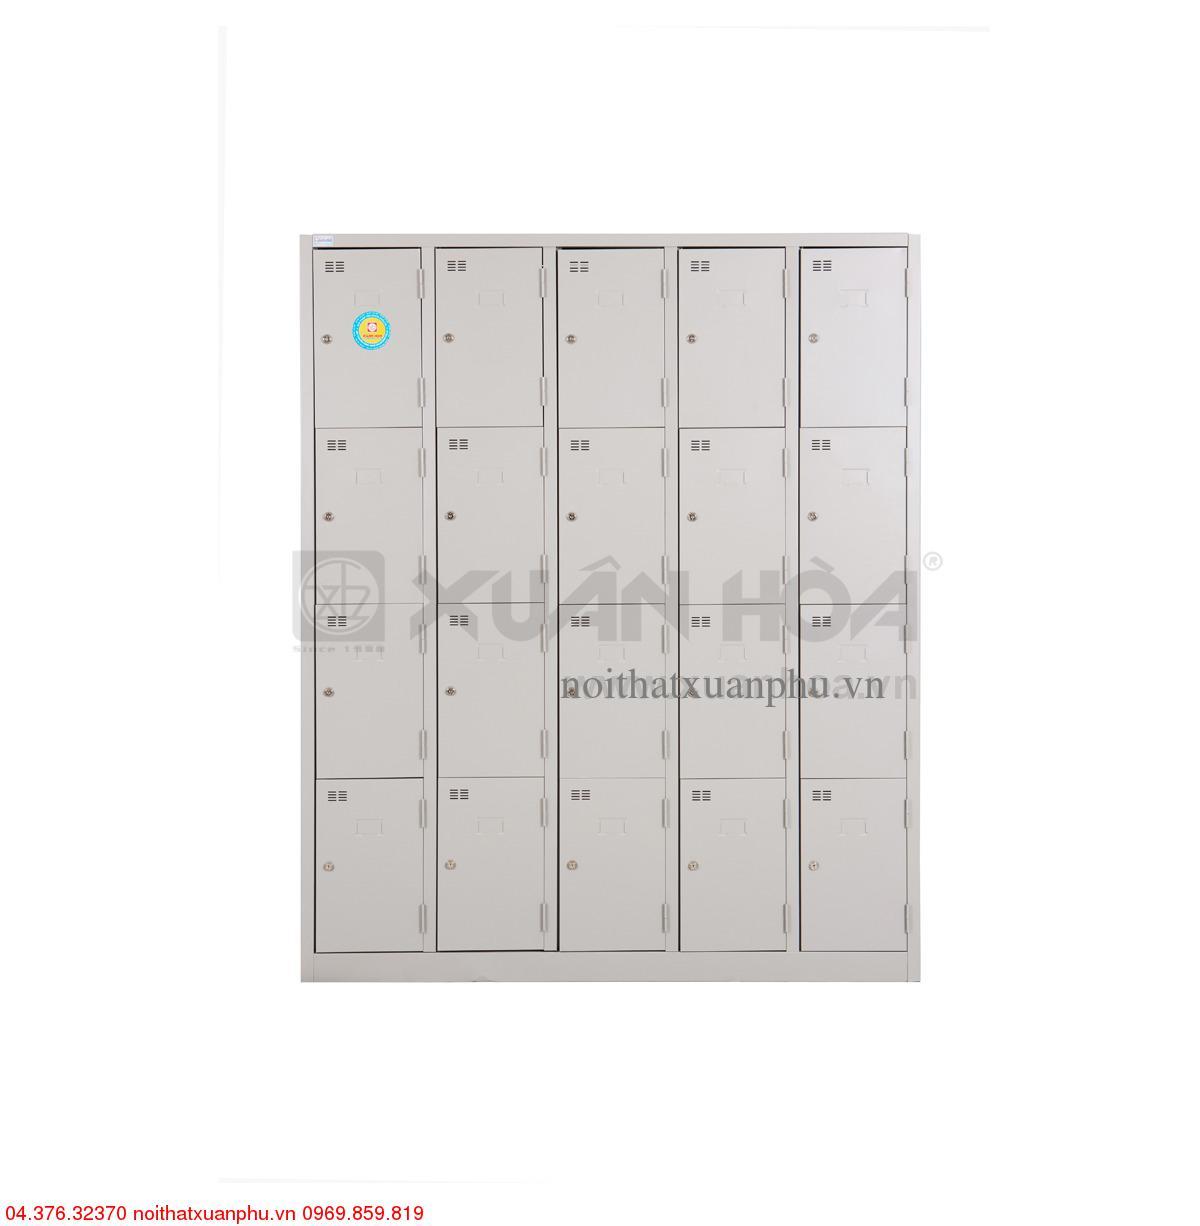 Hình ảnh sản phẩm Tủ sắt văn phòng Xuân Hòa LK-20N-05 153 x 45 x 183 cm